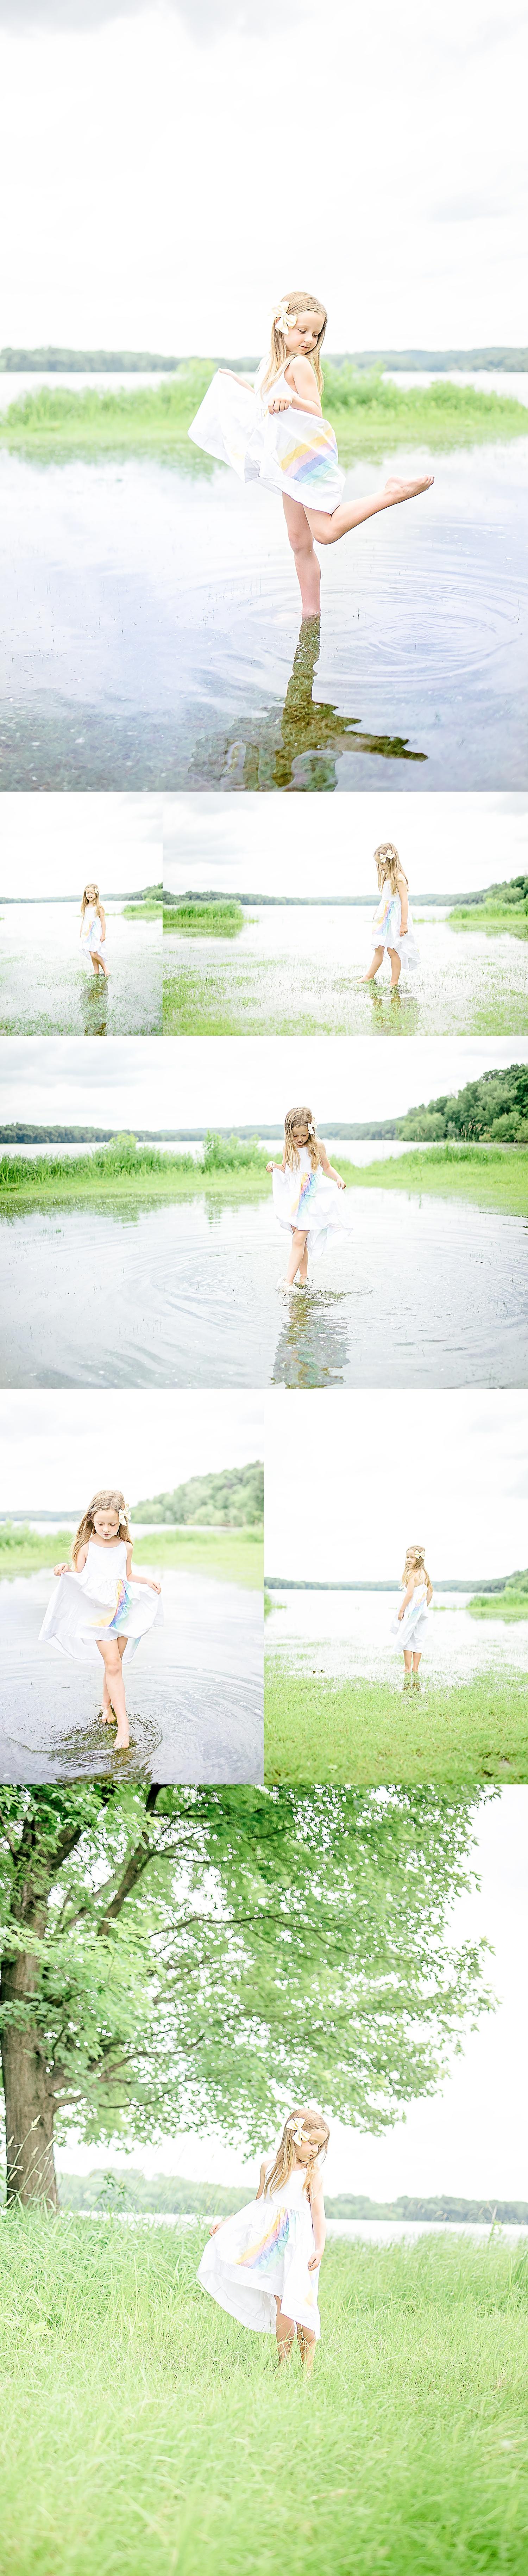 gallery.image_0143.jpg